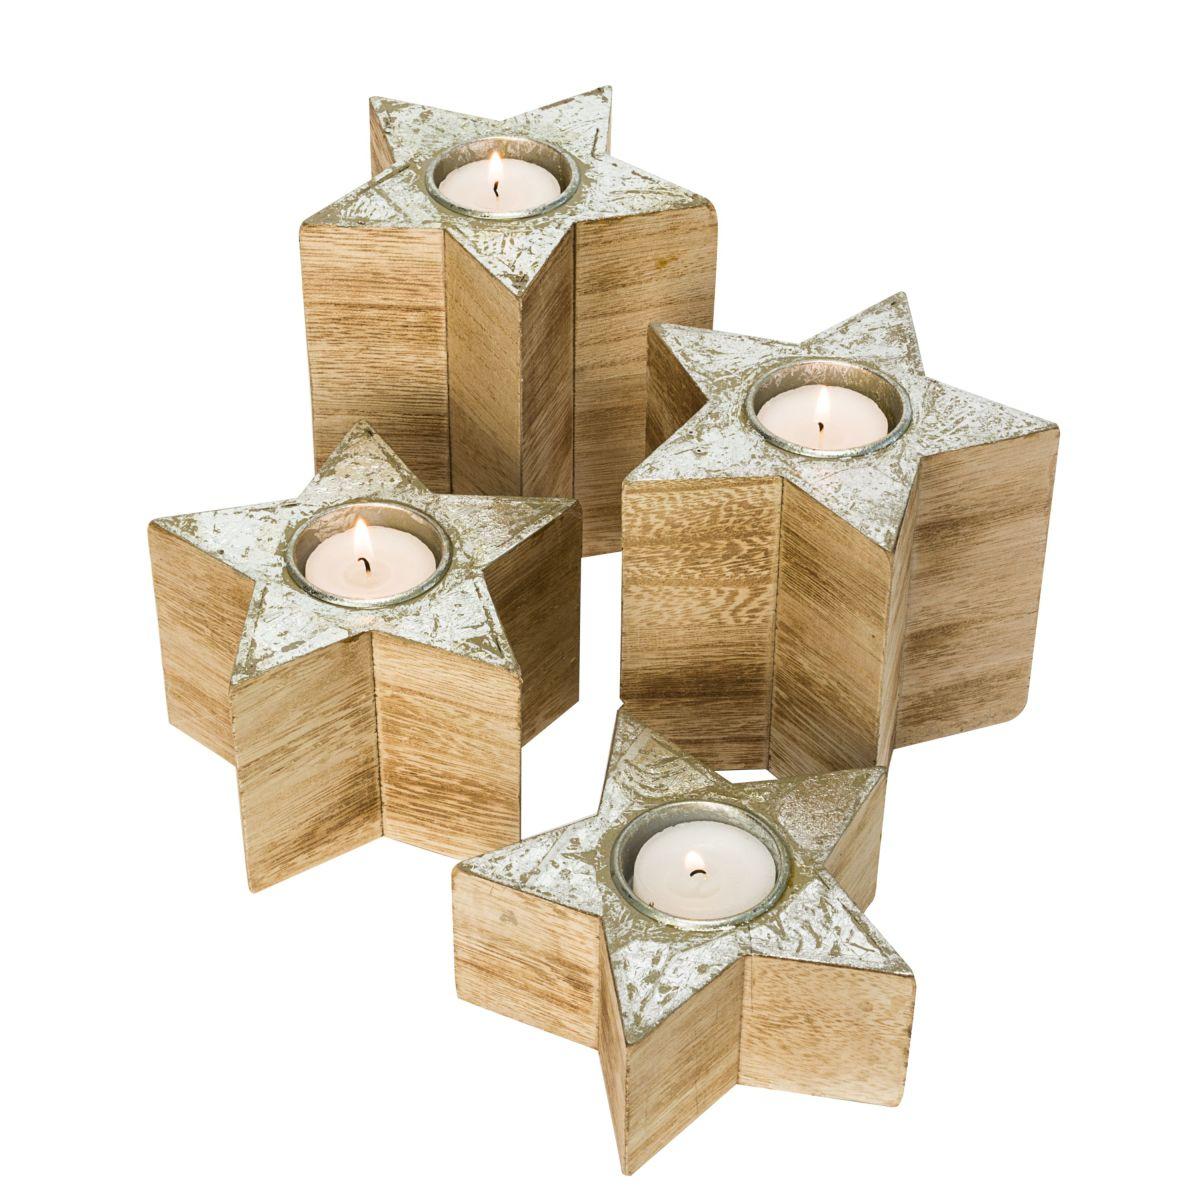 teelichthalter set 4 tlg wood stars mit silberfolie einfach geschenke. Black Bedroom Furniture Sets. Home Design Ideas